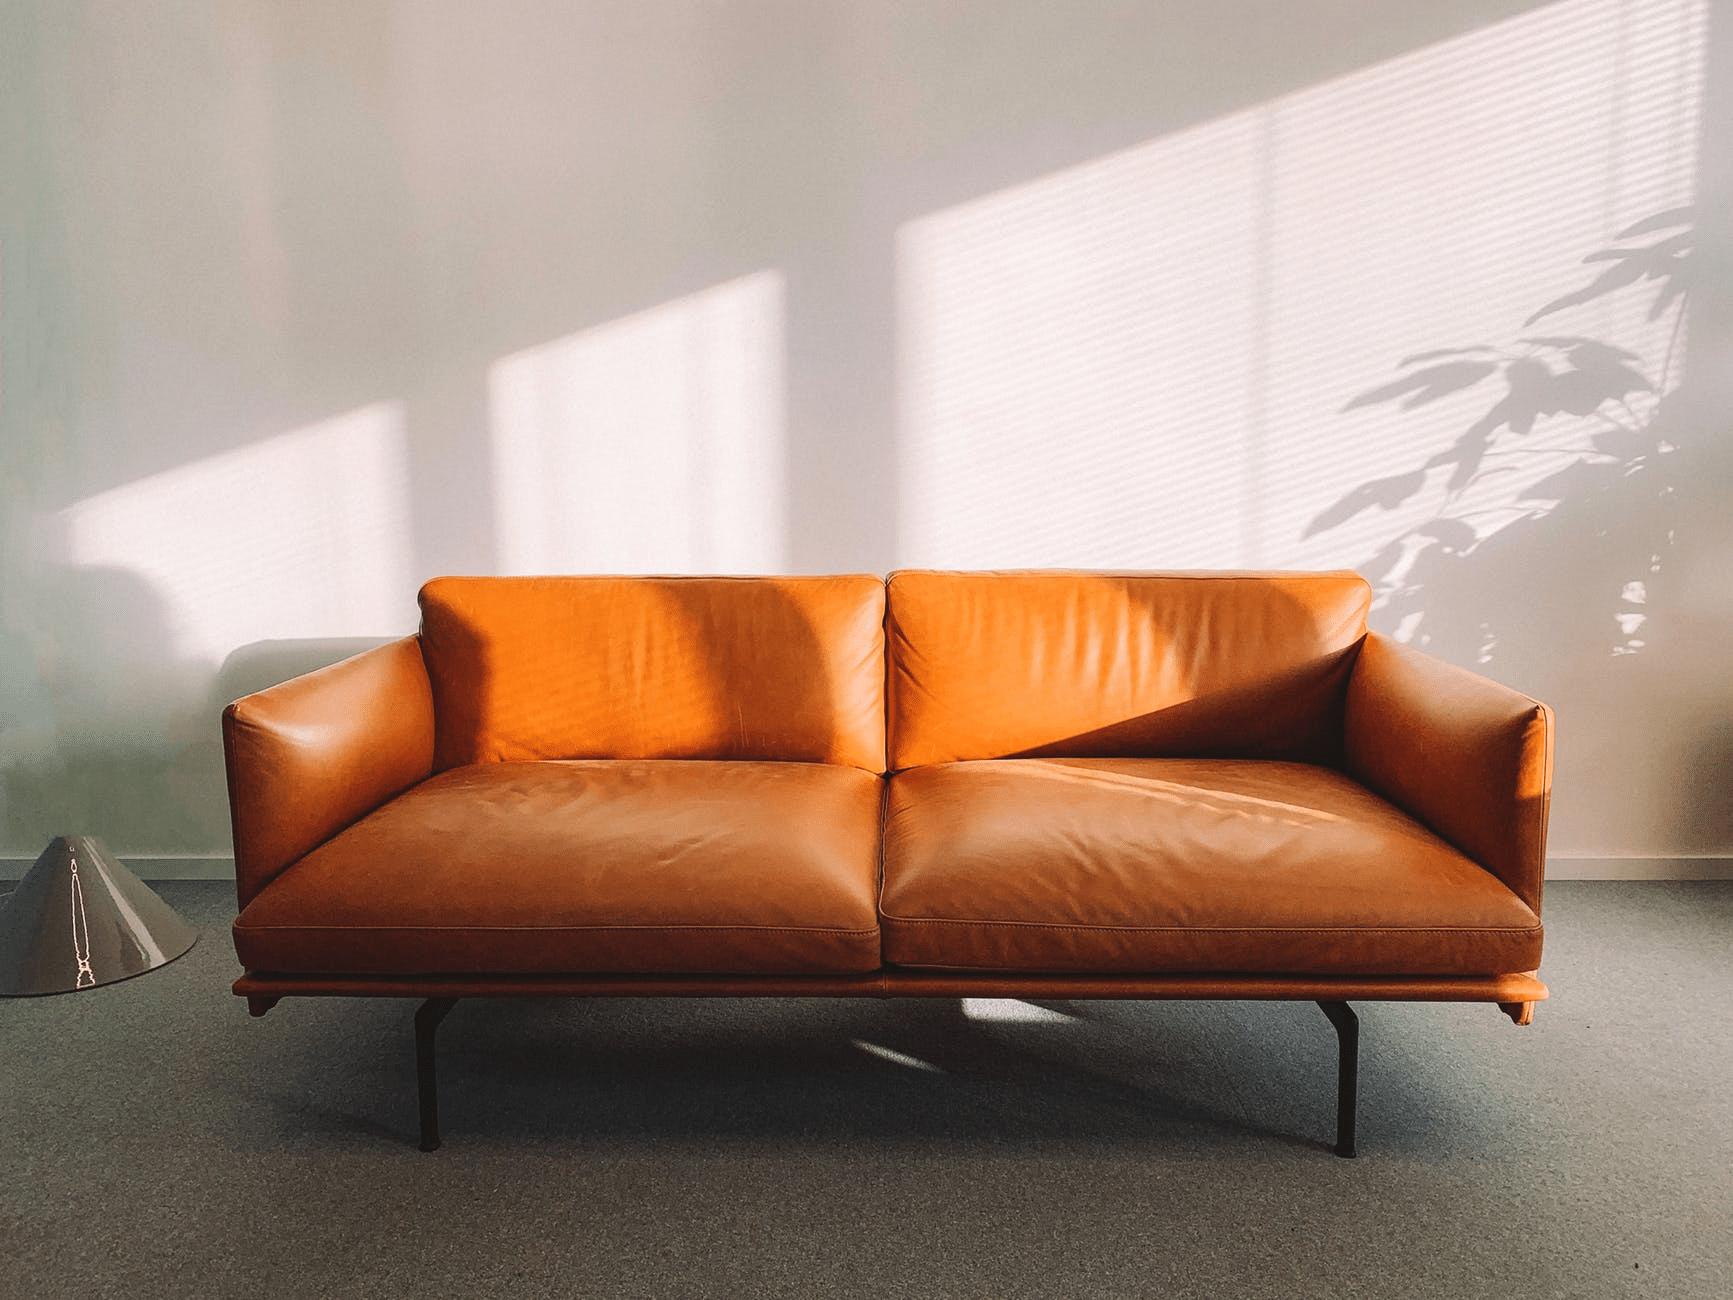 Comment nettoyer un canapé en nubuck